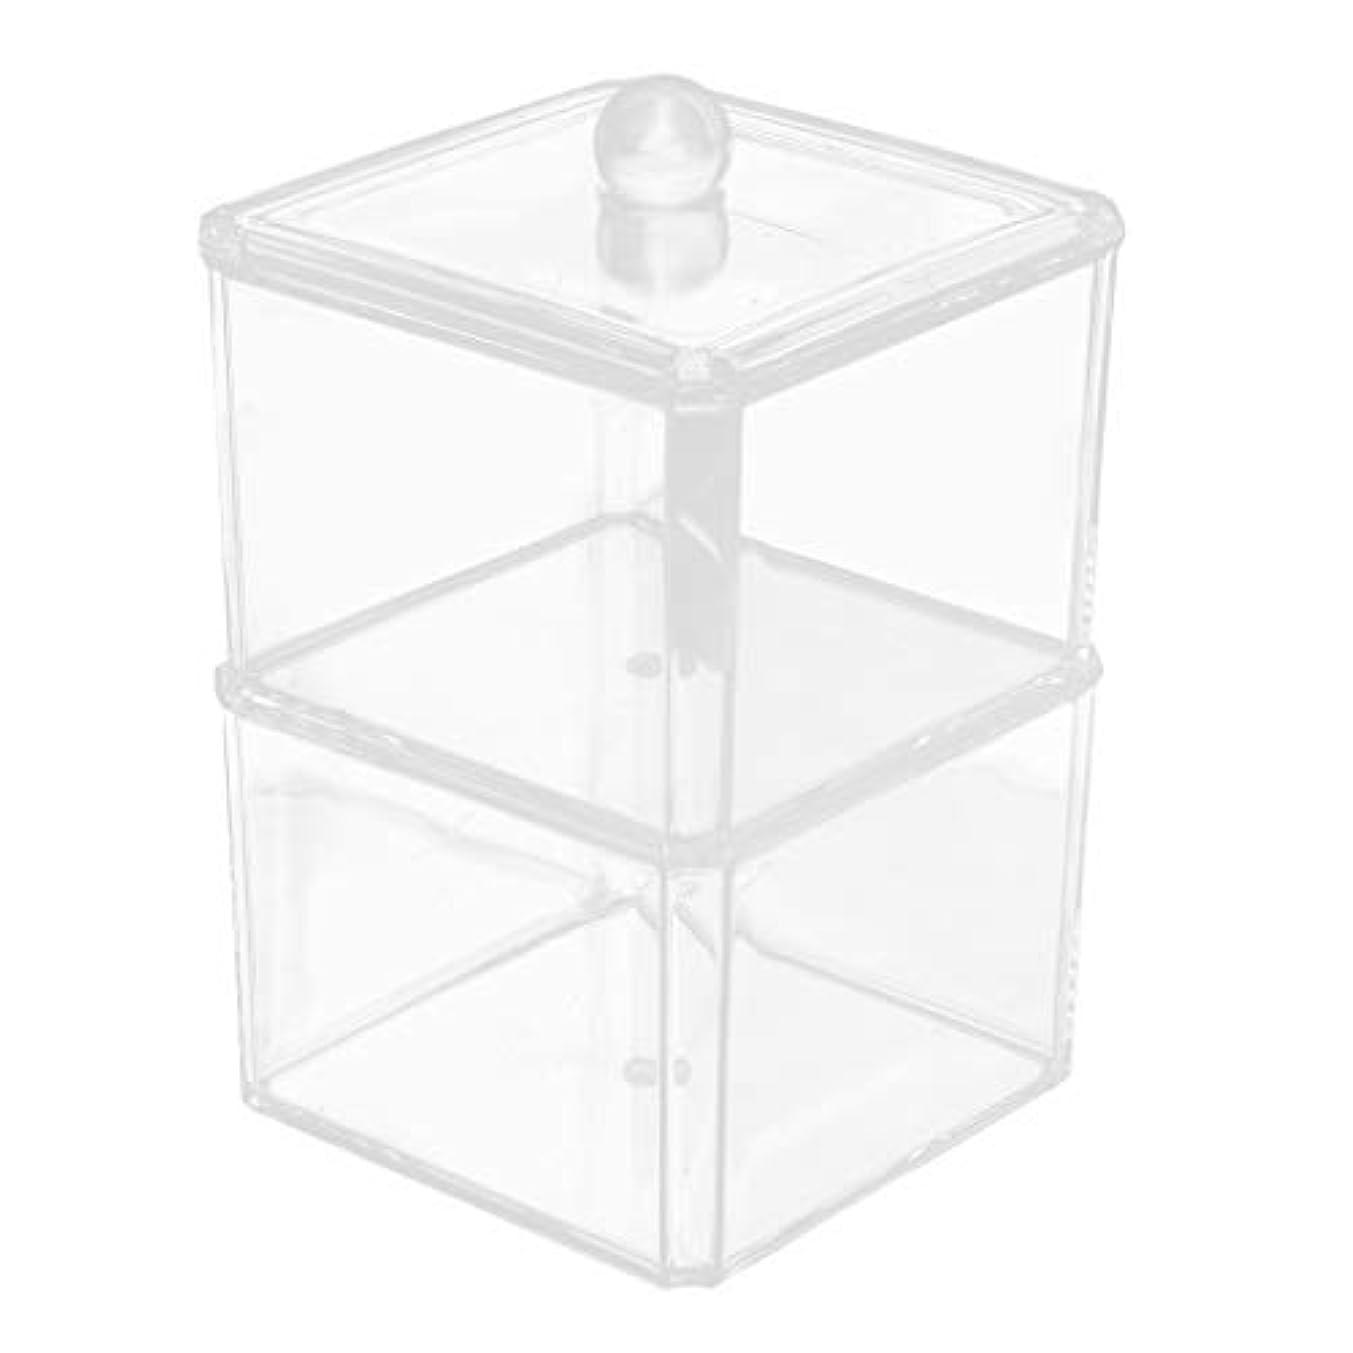 影響忠実砂B Blesiya メイク収納ボックス 綿棒 化粧品 コットンスティック ボックス 蓋付き 全7サイズ - C